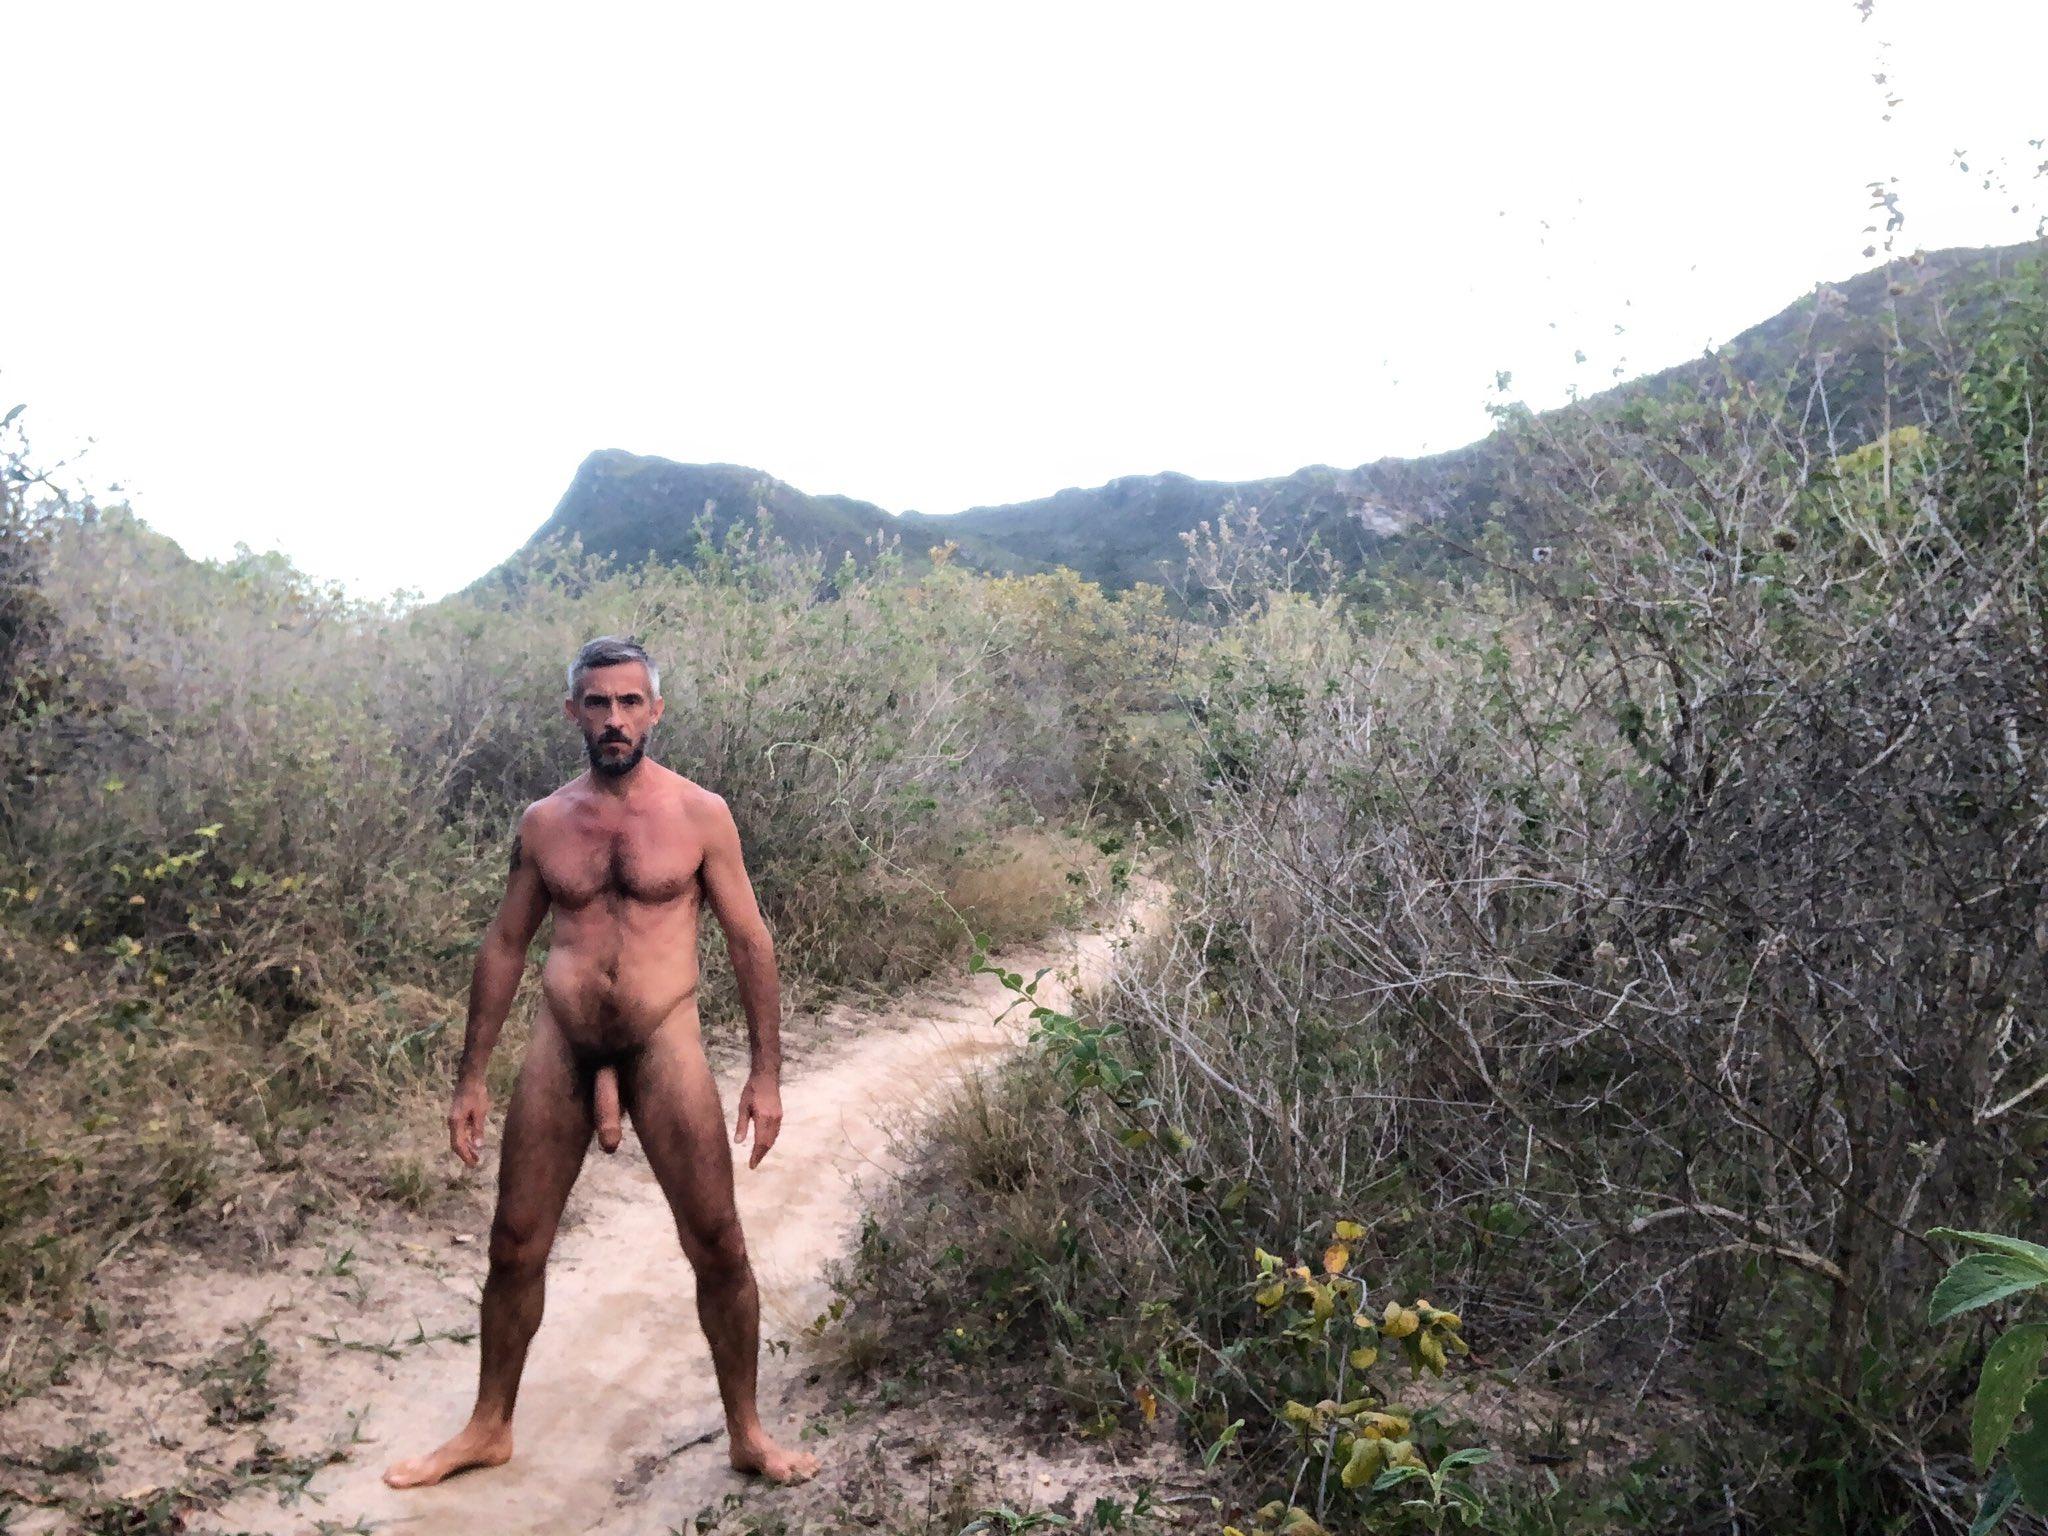 desnudo y verga grande en la playa